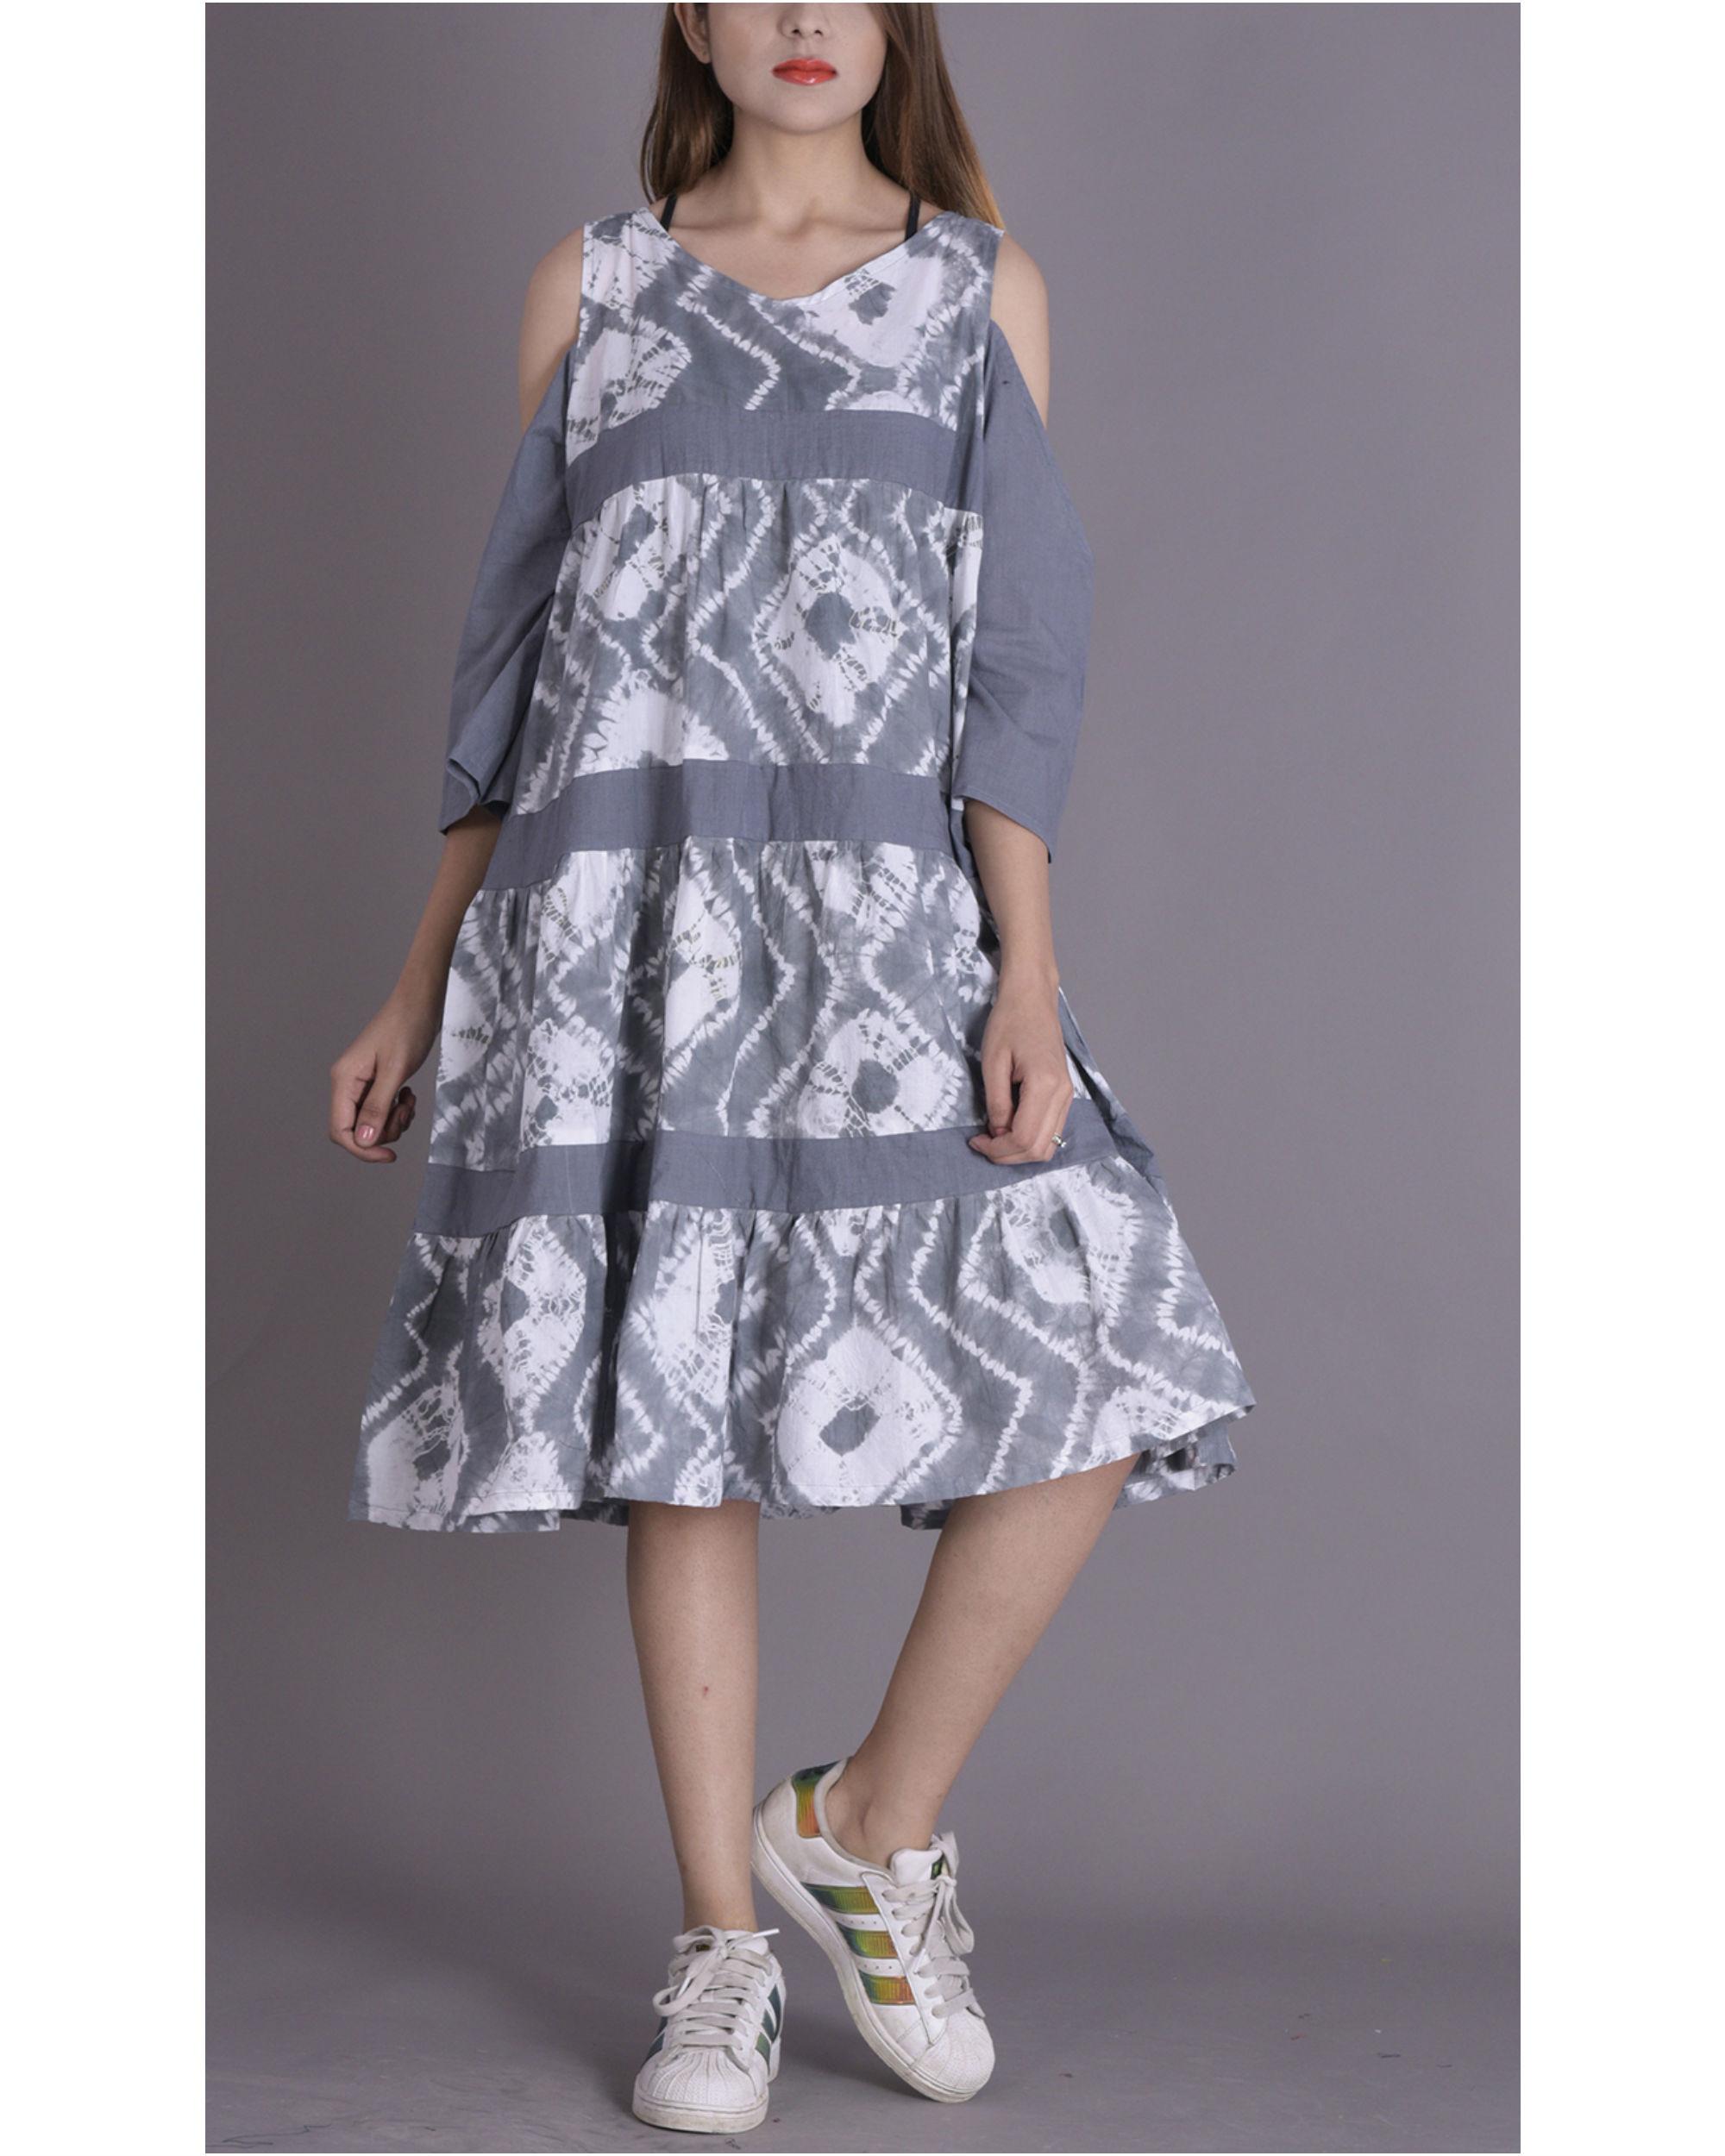 Soft grey tier dress